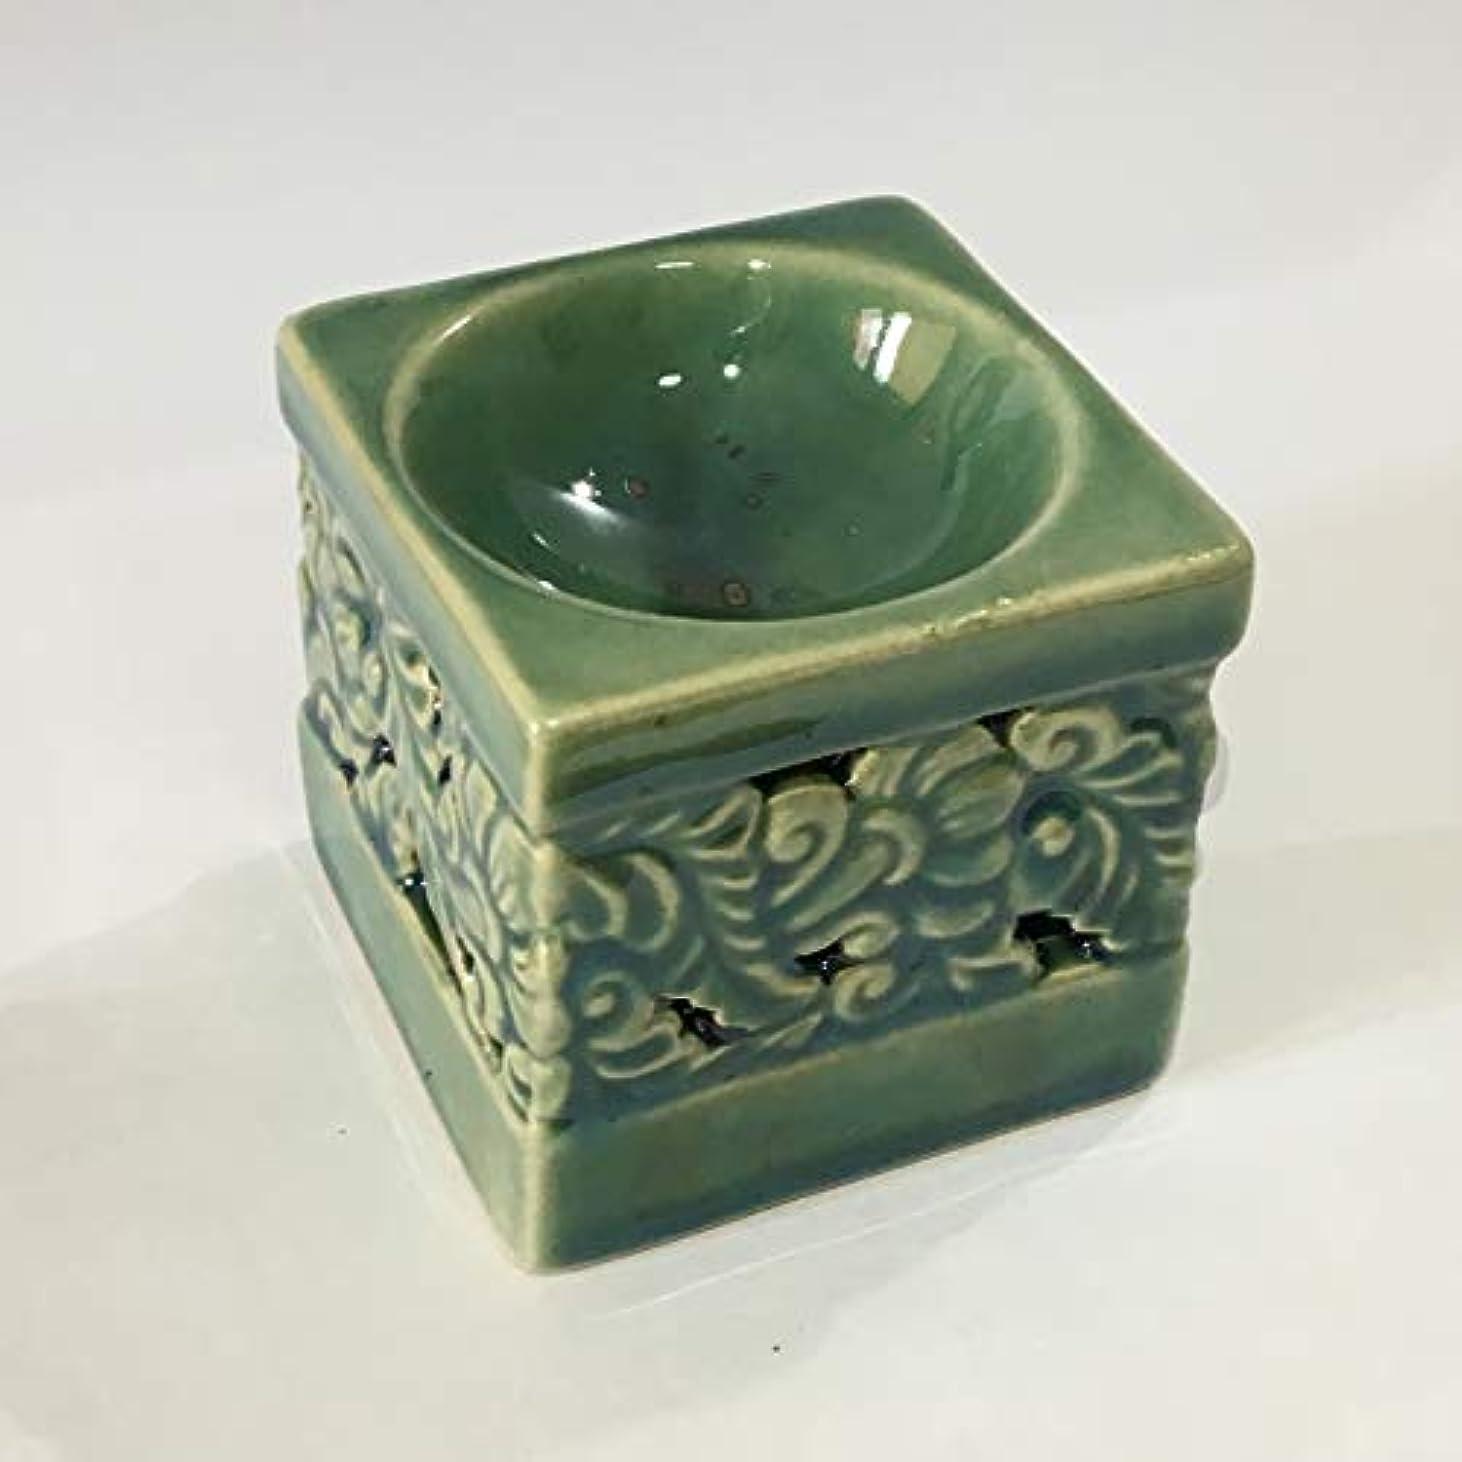 に慣れ行く気がついてアロマポット カービング柄 (緑)チェンマイ産 香炉 陶器 アロマ炉 タイ 精油 アロマ炉